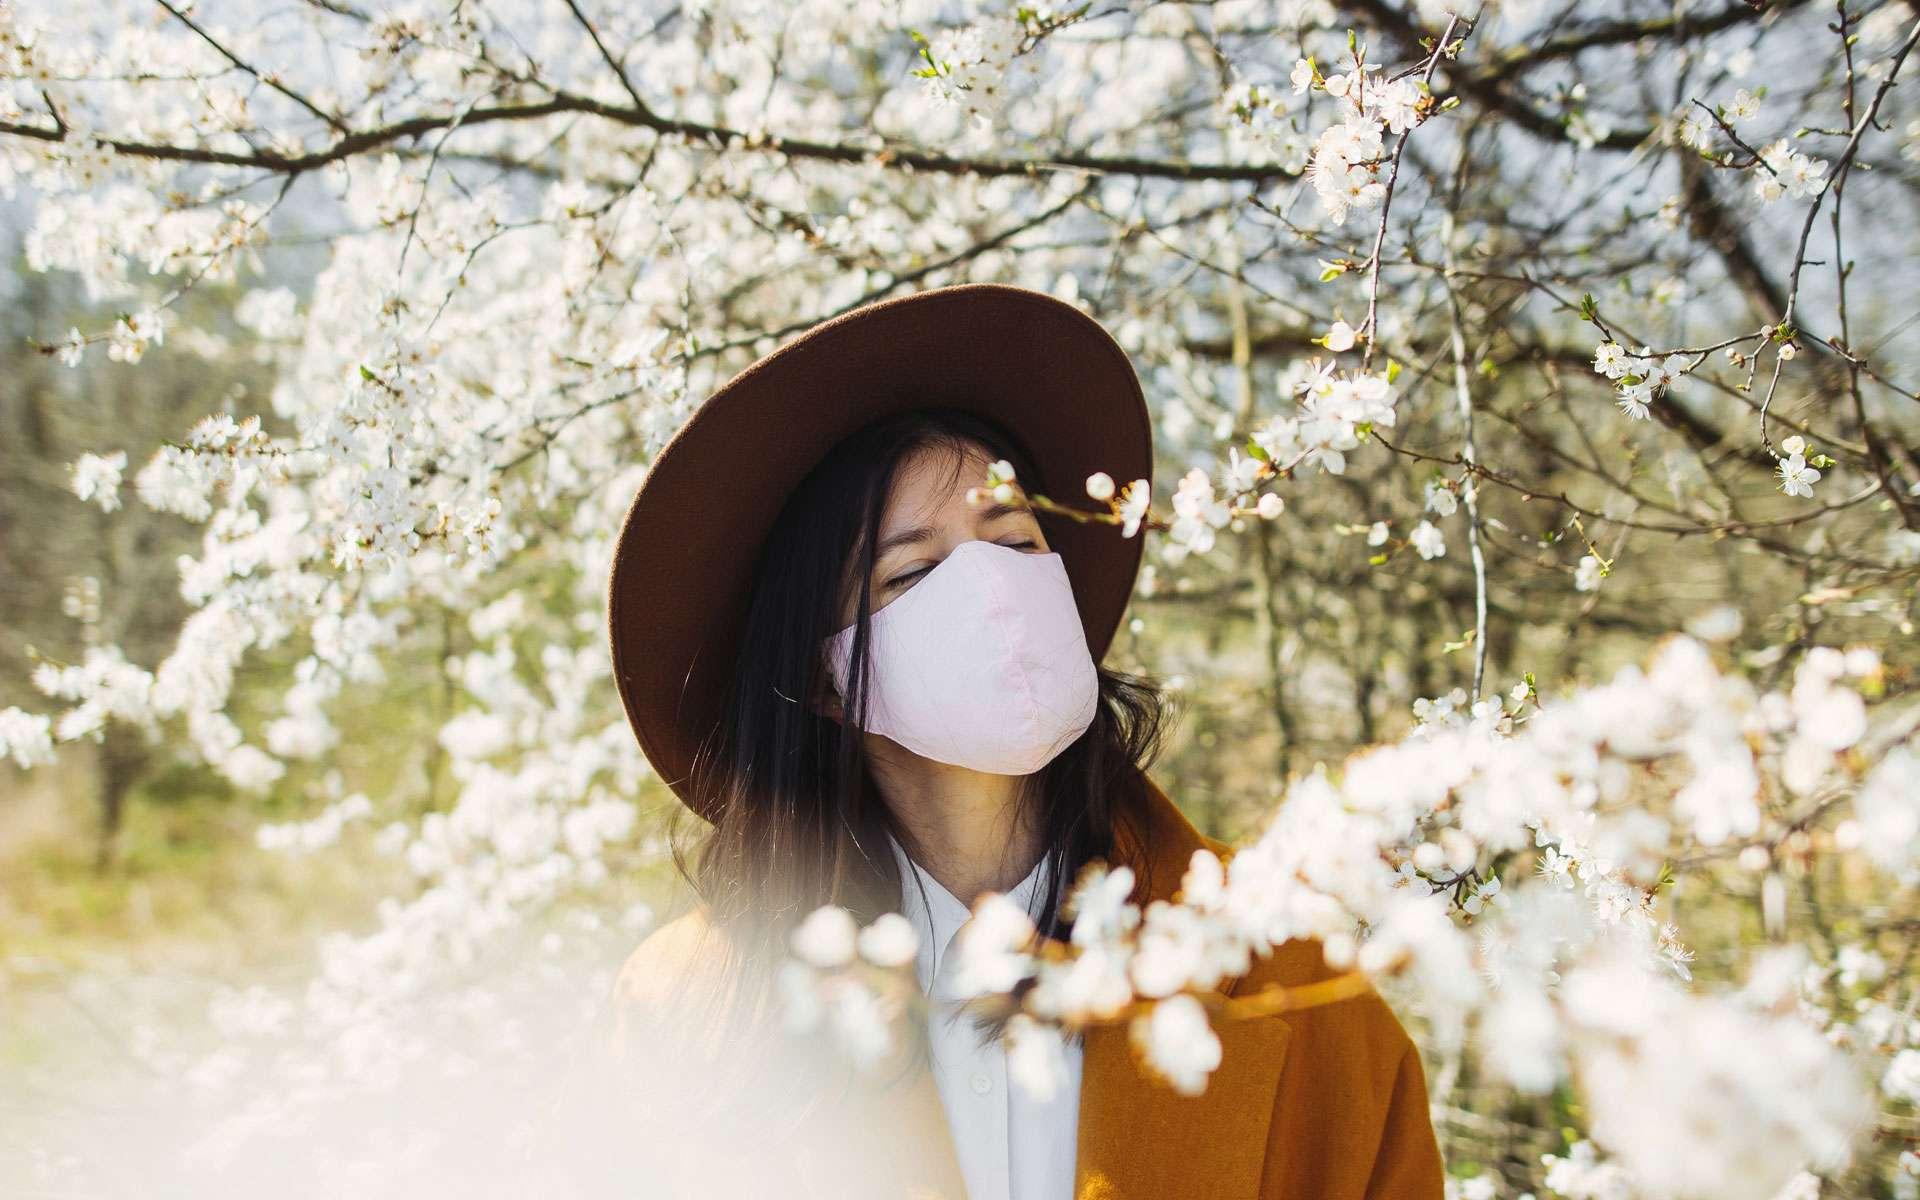 L'anosmie atteint le bulbe olfactif et fait perdre l'odorat ©Sonyachny, Envato Elements